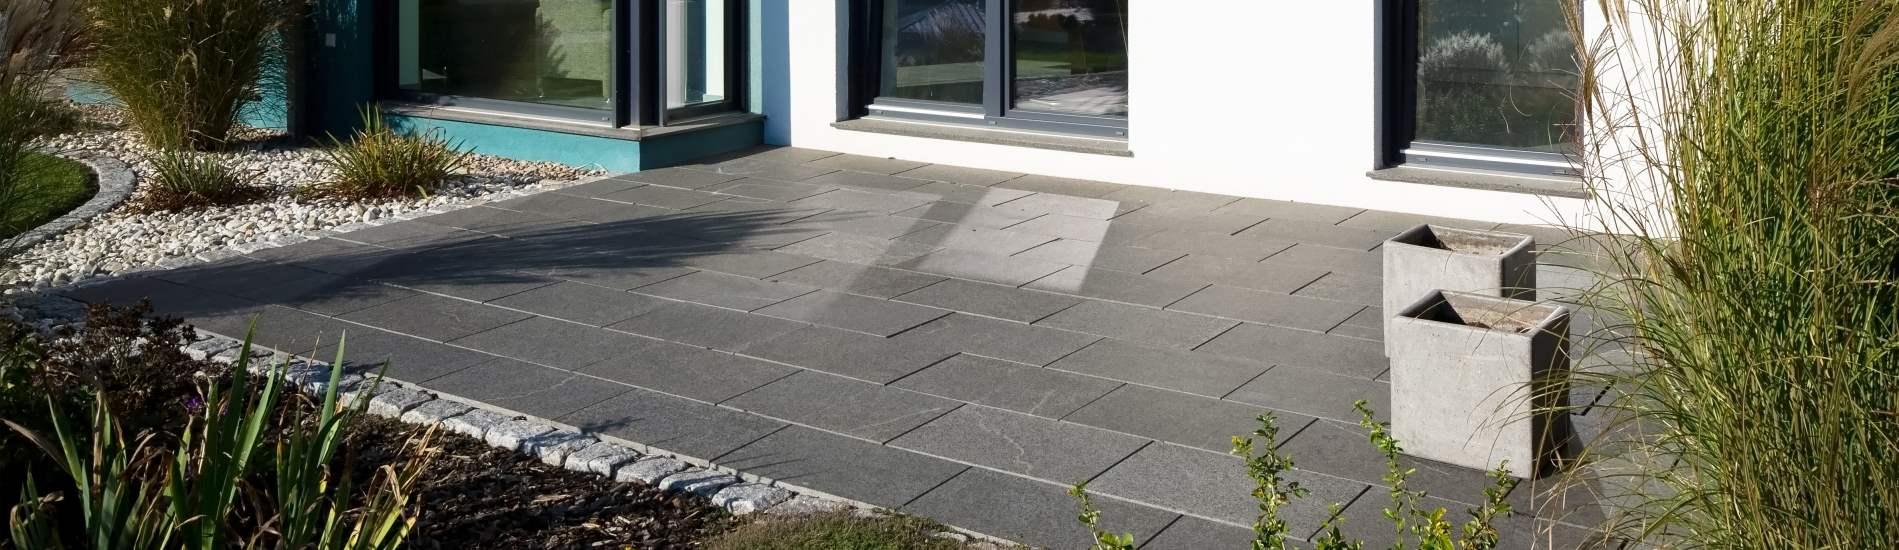 Terrassen-galabau-schmid-obernzell-1900-550